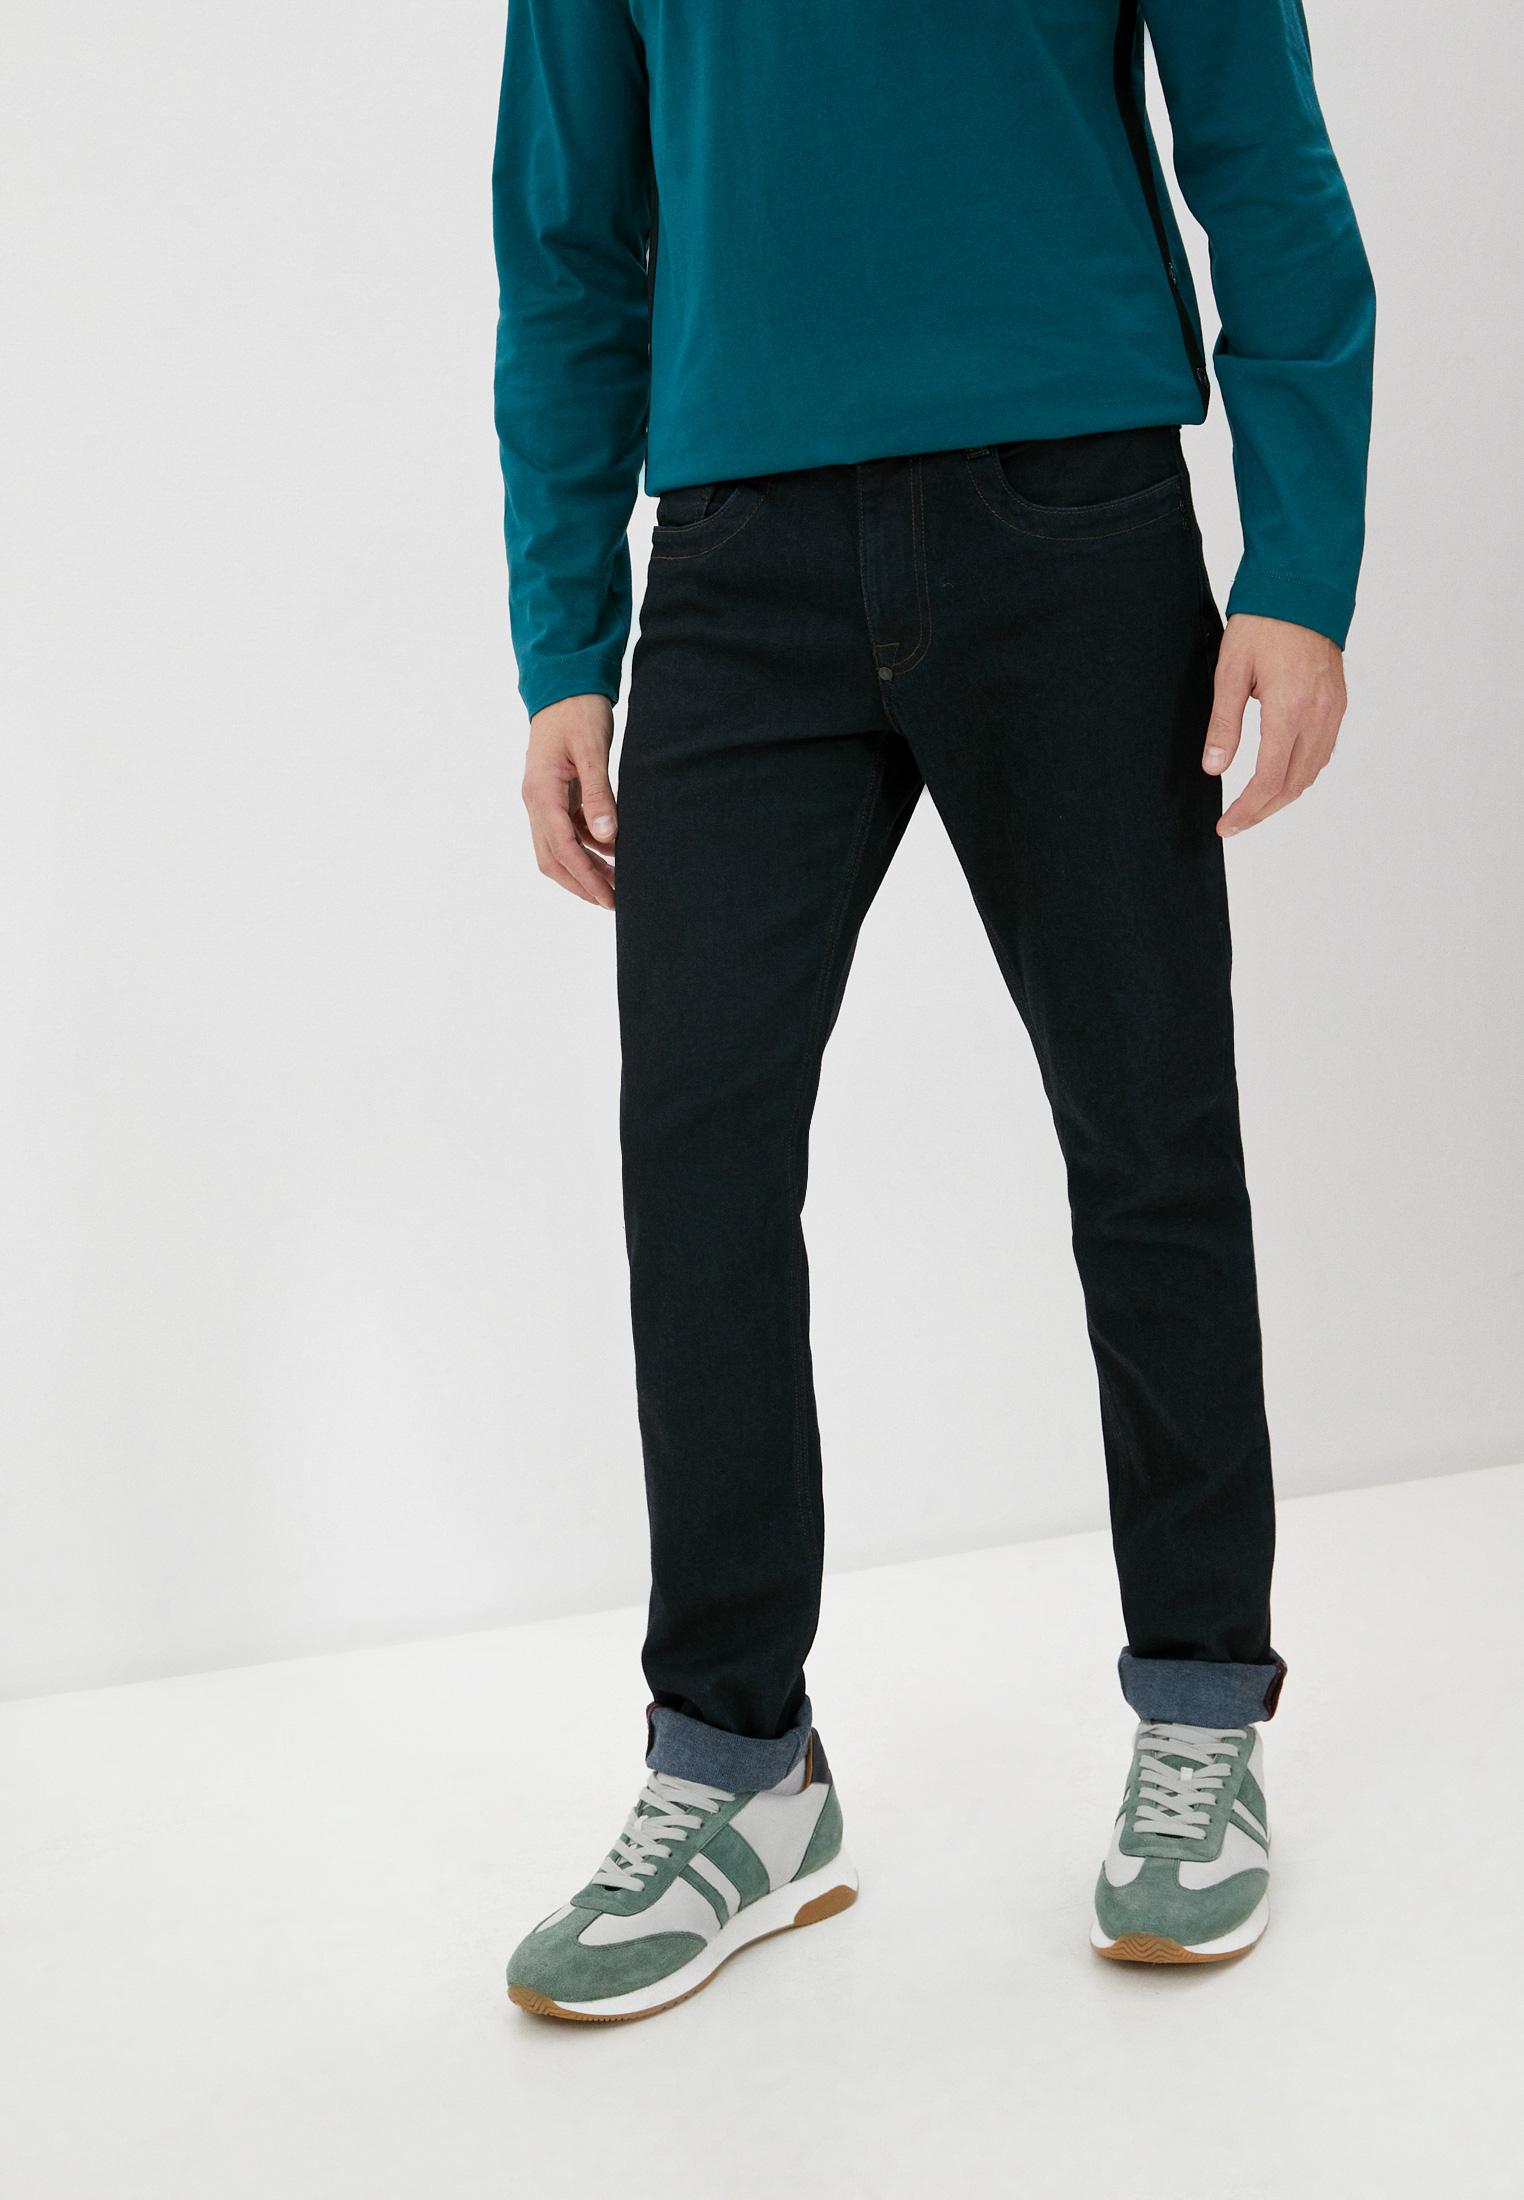 Мужские прямые джинсы Bikkembergs (Биккембергс) C Q 101 01 S 3333: изображение 11